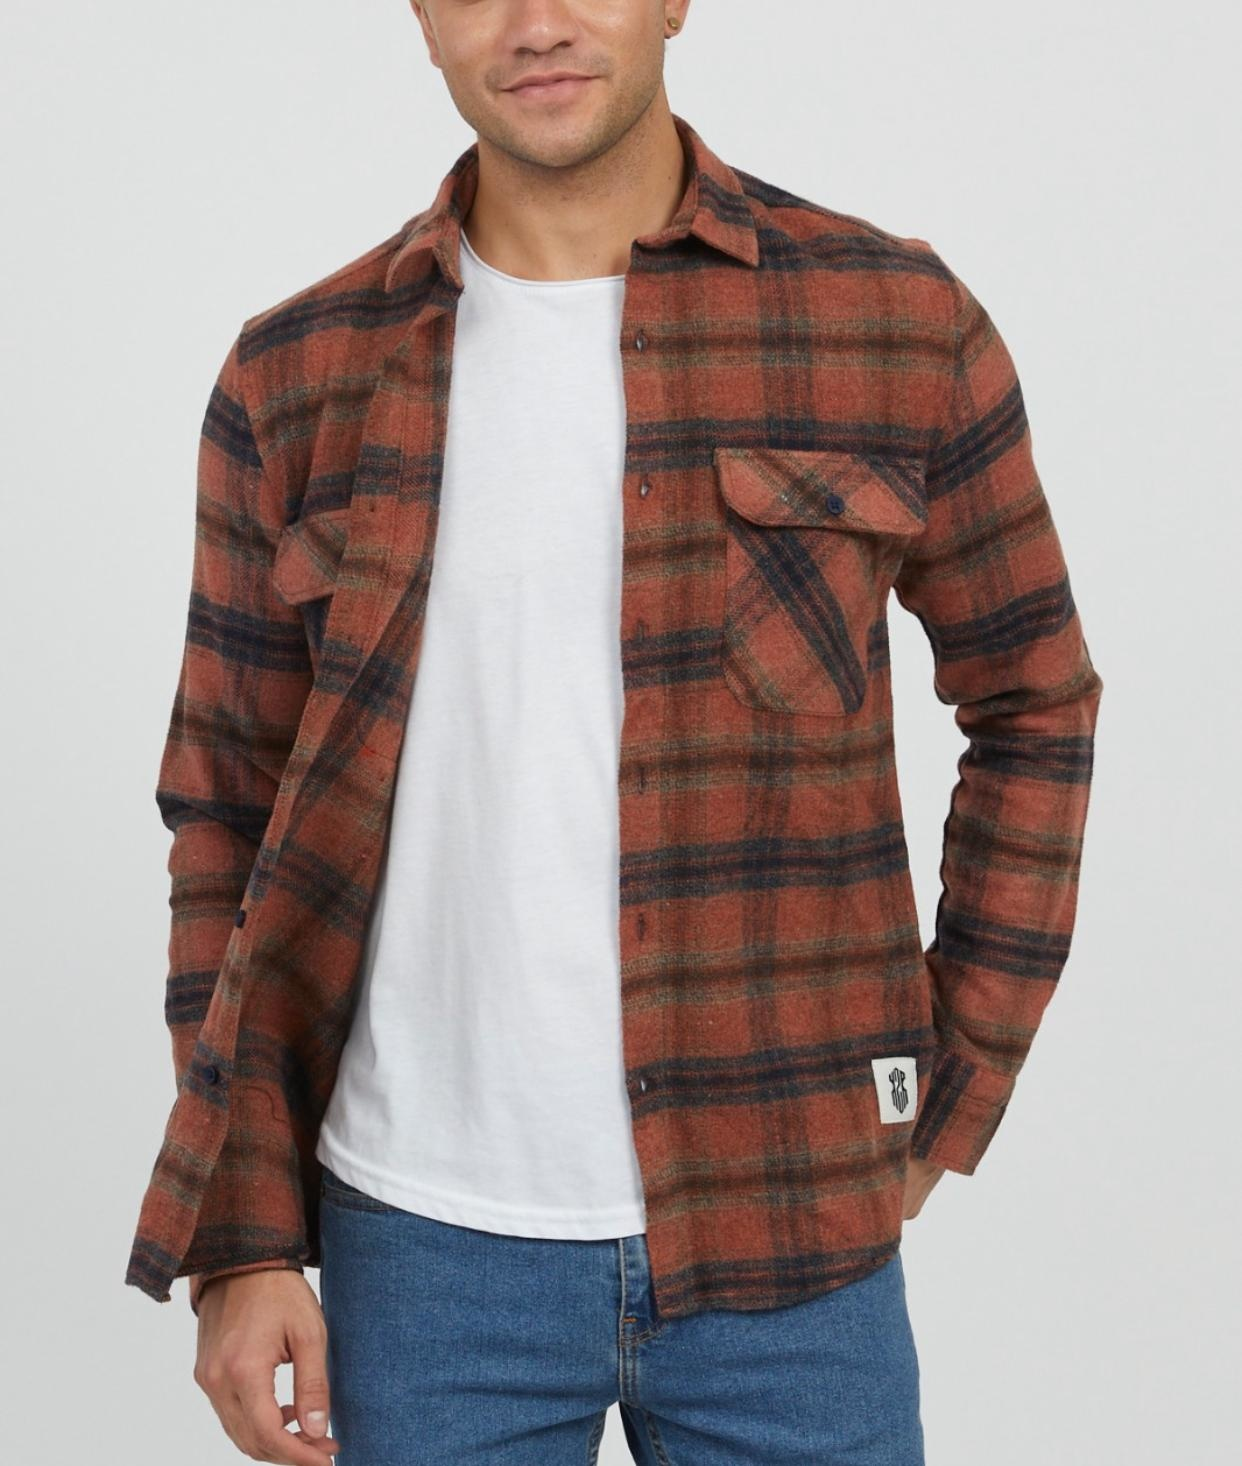 MYSTORE chemise charles brun-1